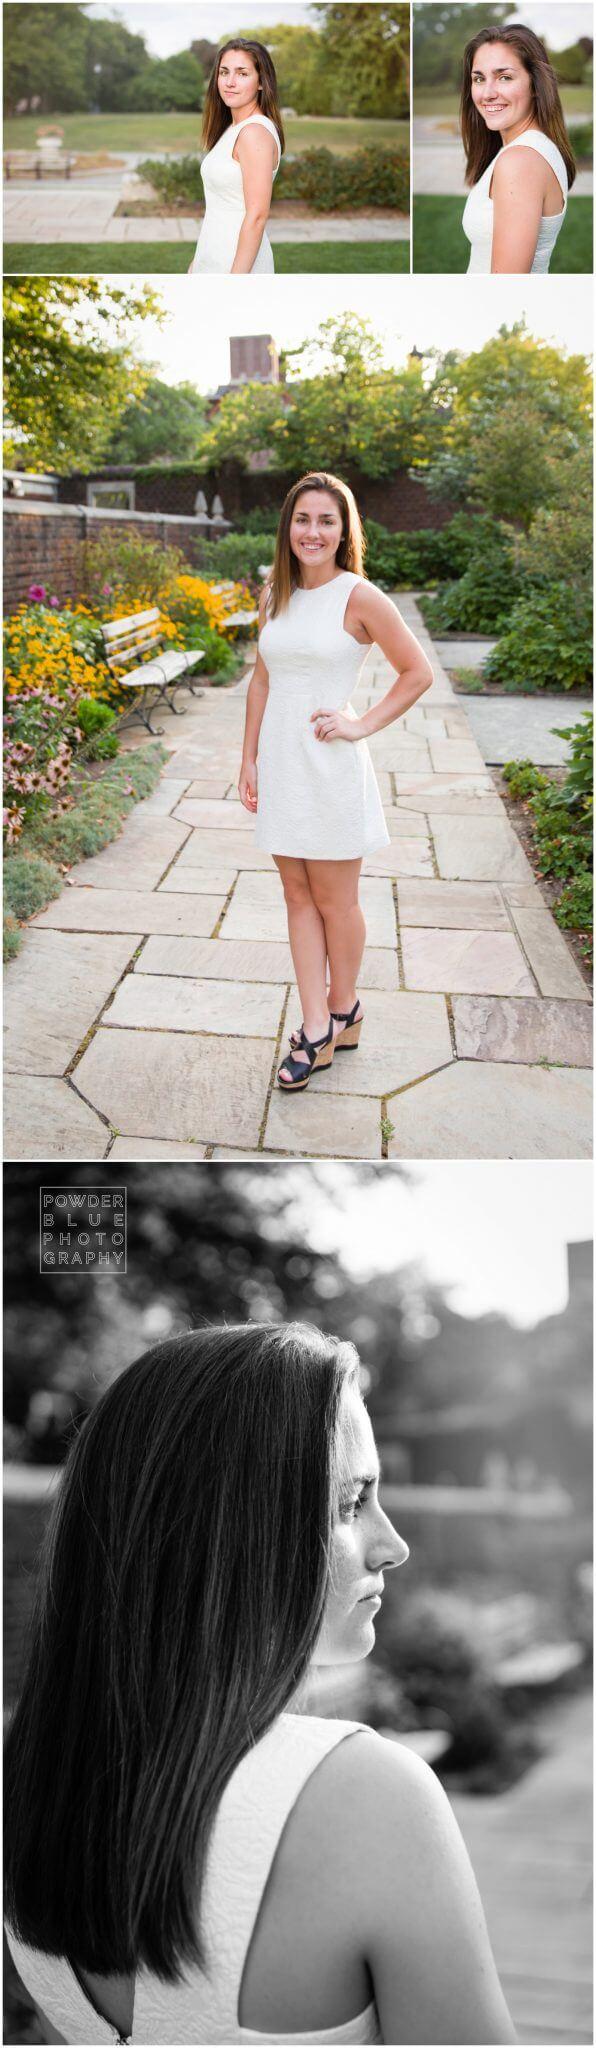 Pittsburgh senior photographer senior girl mt lebanon senior session mellon park pittsburgh